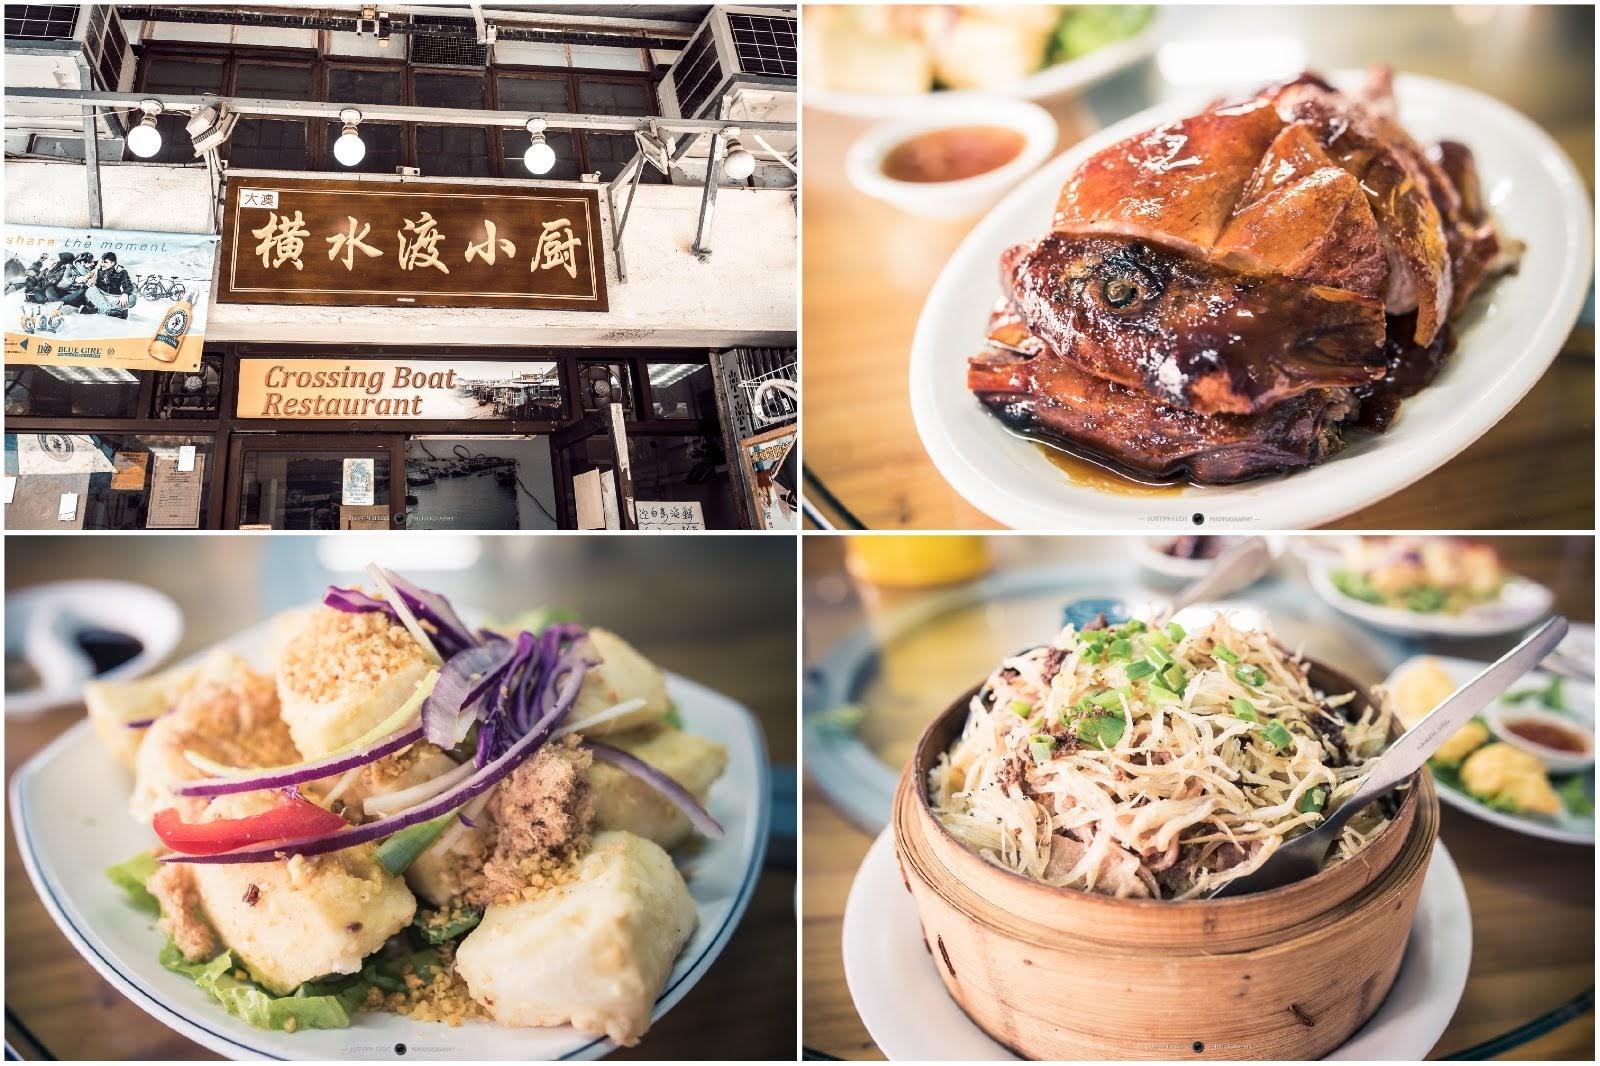 午餐則隨意到一家街上的小吃橫水渡小廚用餐,除燒鴨較油外,其餘尚可接受。